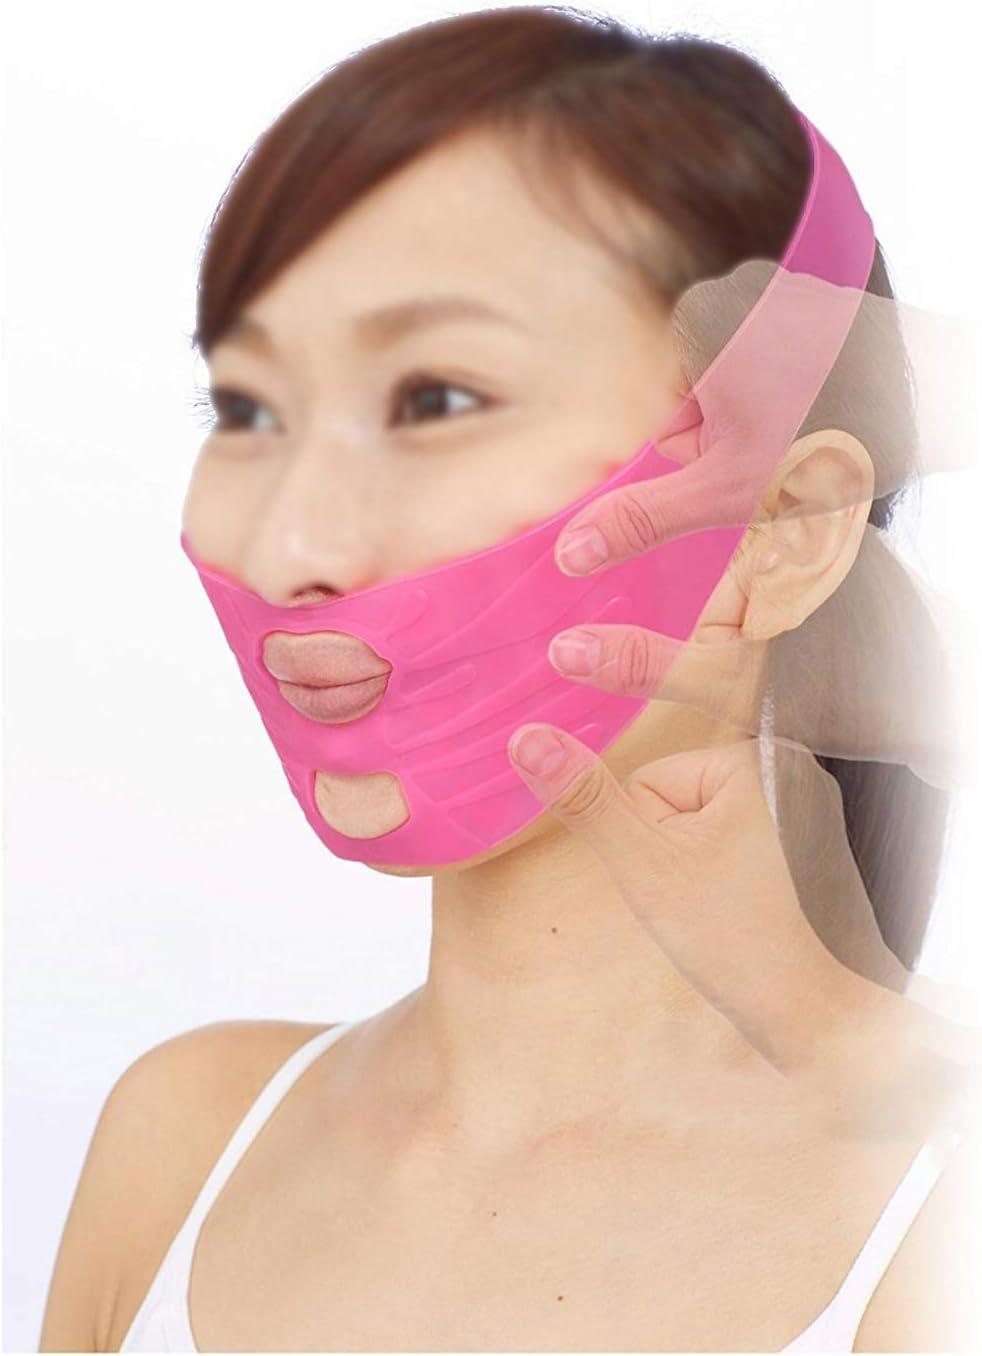 JIANPING Masque Facial-Lift Masque Artefact Drooping Visage Petit Bandage Visage V Respirant Sommeil Double Face Jupe Sleep Elastique Ceinture Amincissante Ceinture en V